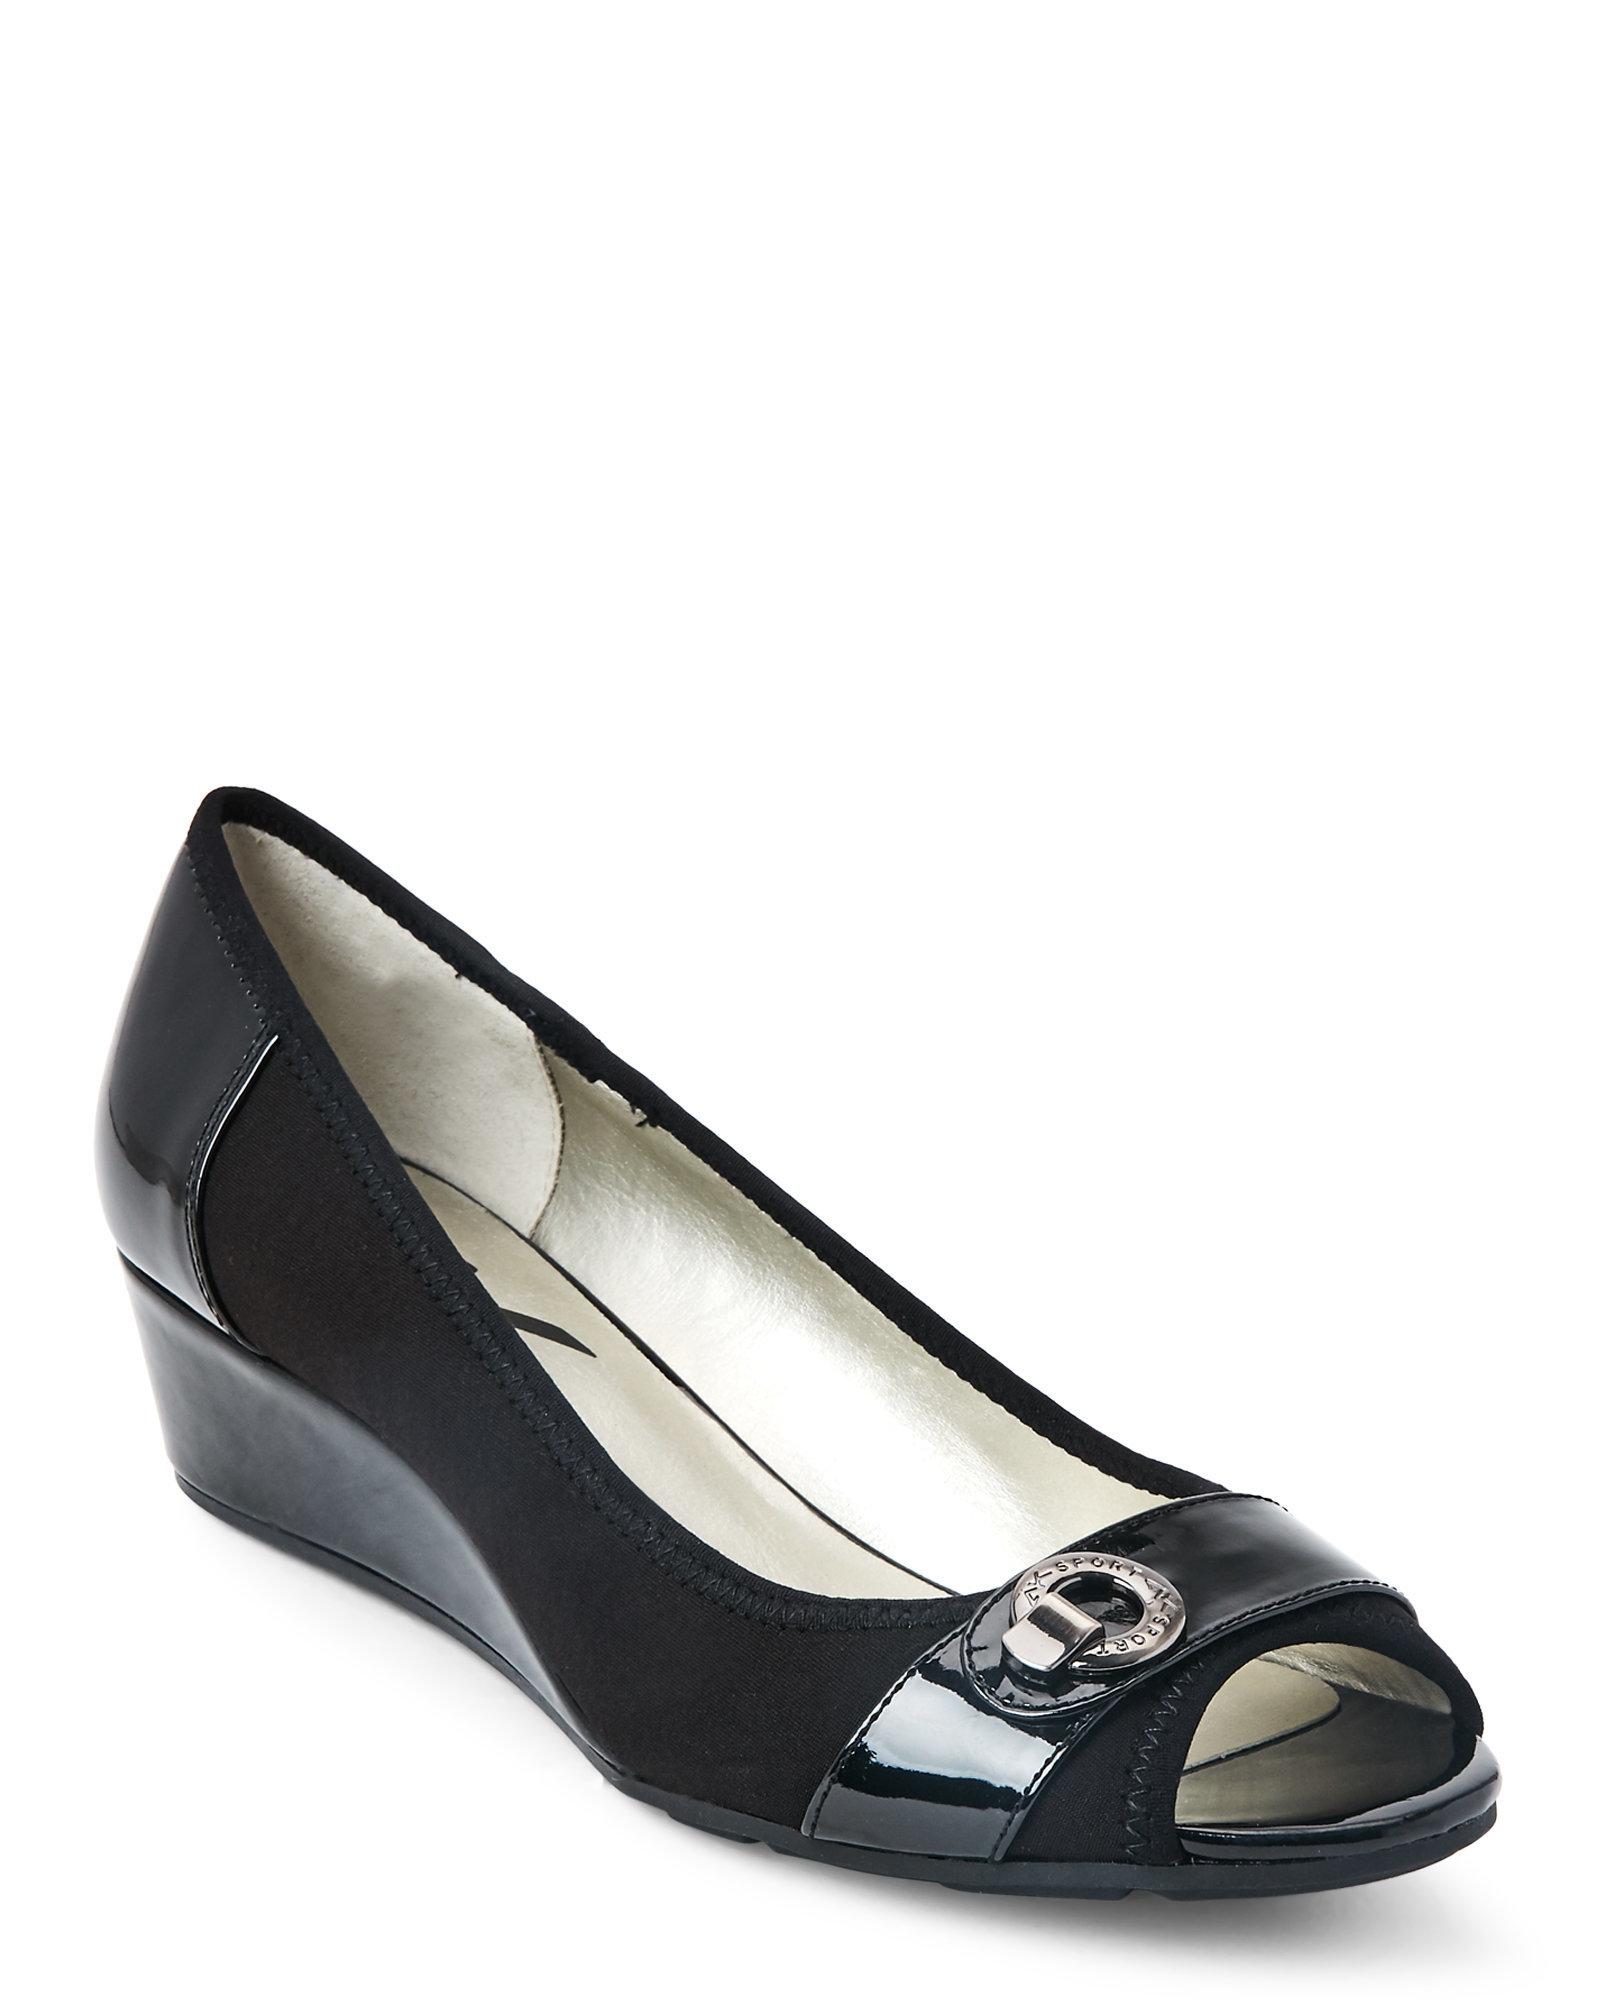 Lyst Ak Anne Klein Black Carvol Peep Toe Wedges In Black